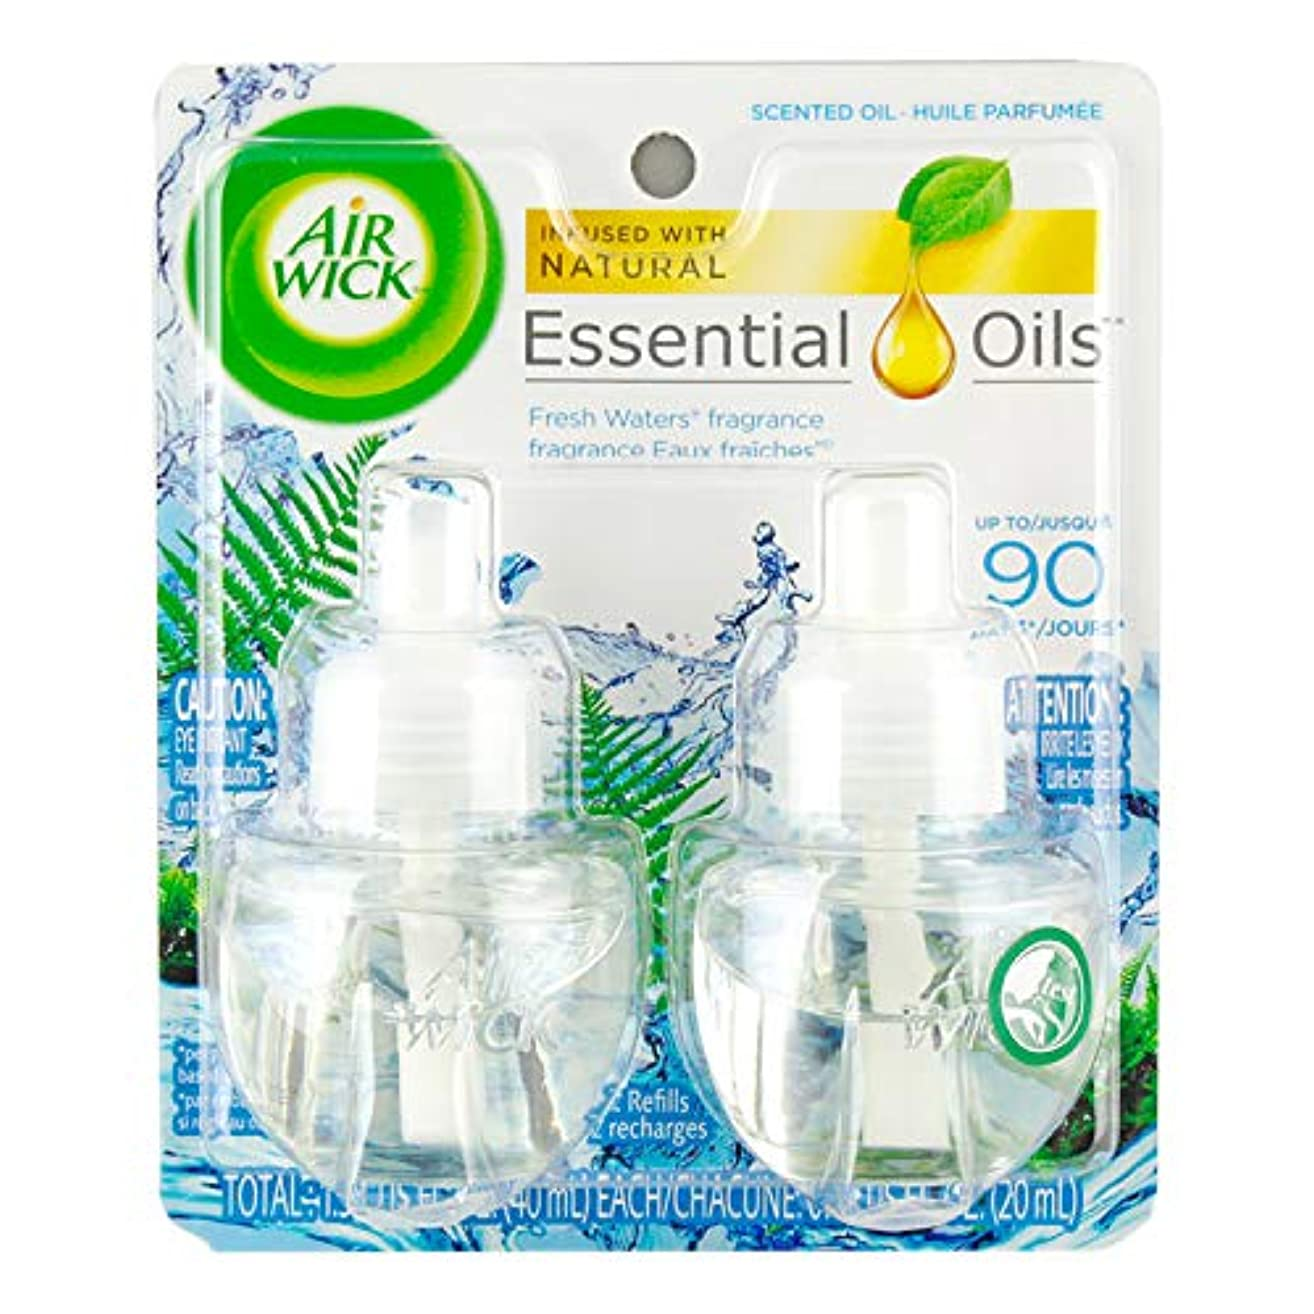 主張する退屈なあご【Air Wick/エアーウィック】 プラグインオイル詰替えリフィル(2個入り) フレッシュウォーター Air Wick Scented Oil Twin Refill Fresh Waters (2X.67) Oz. [並行輸入品]